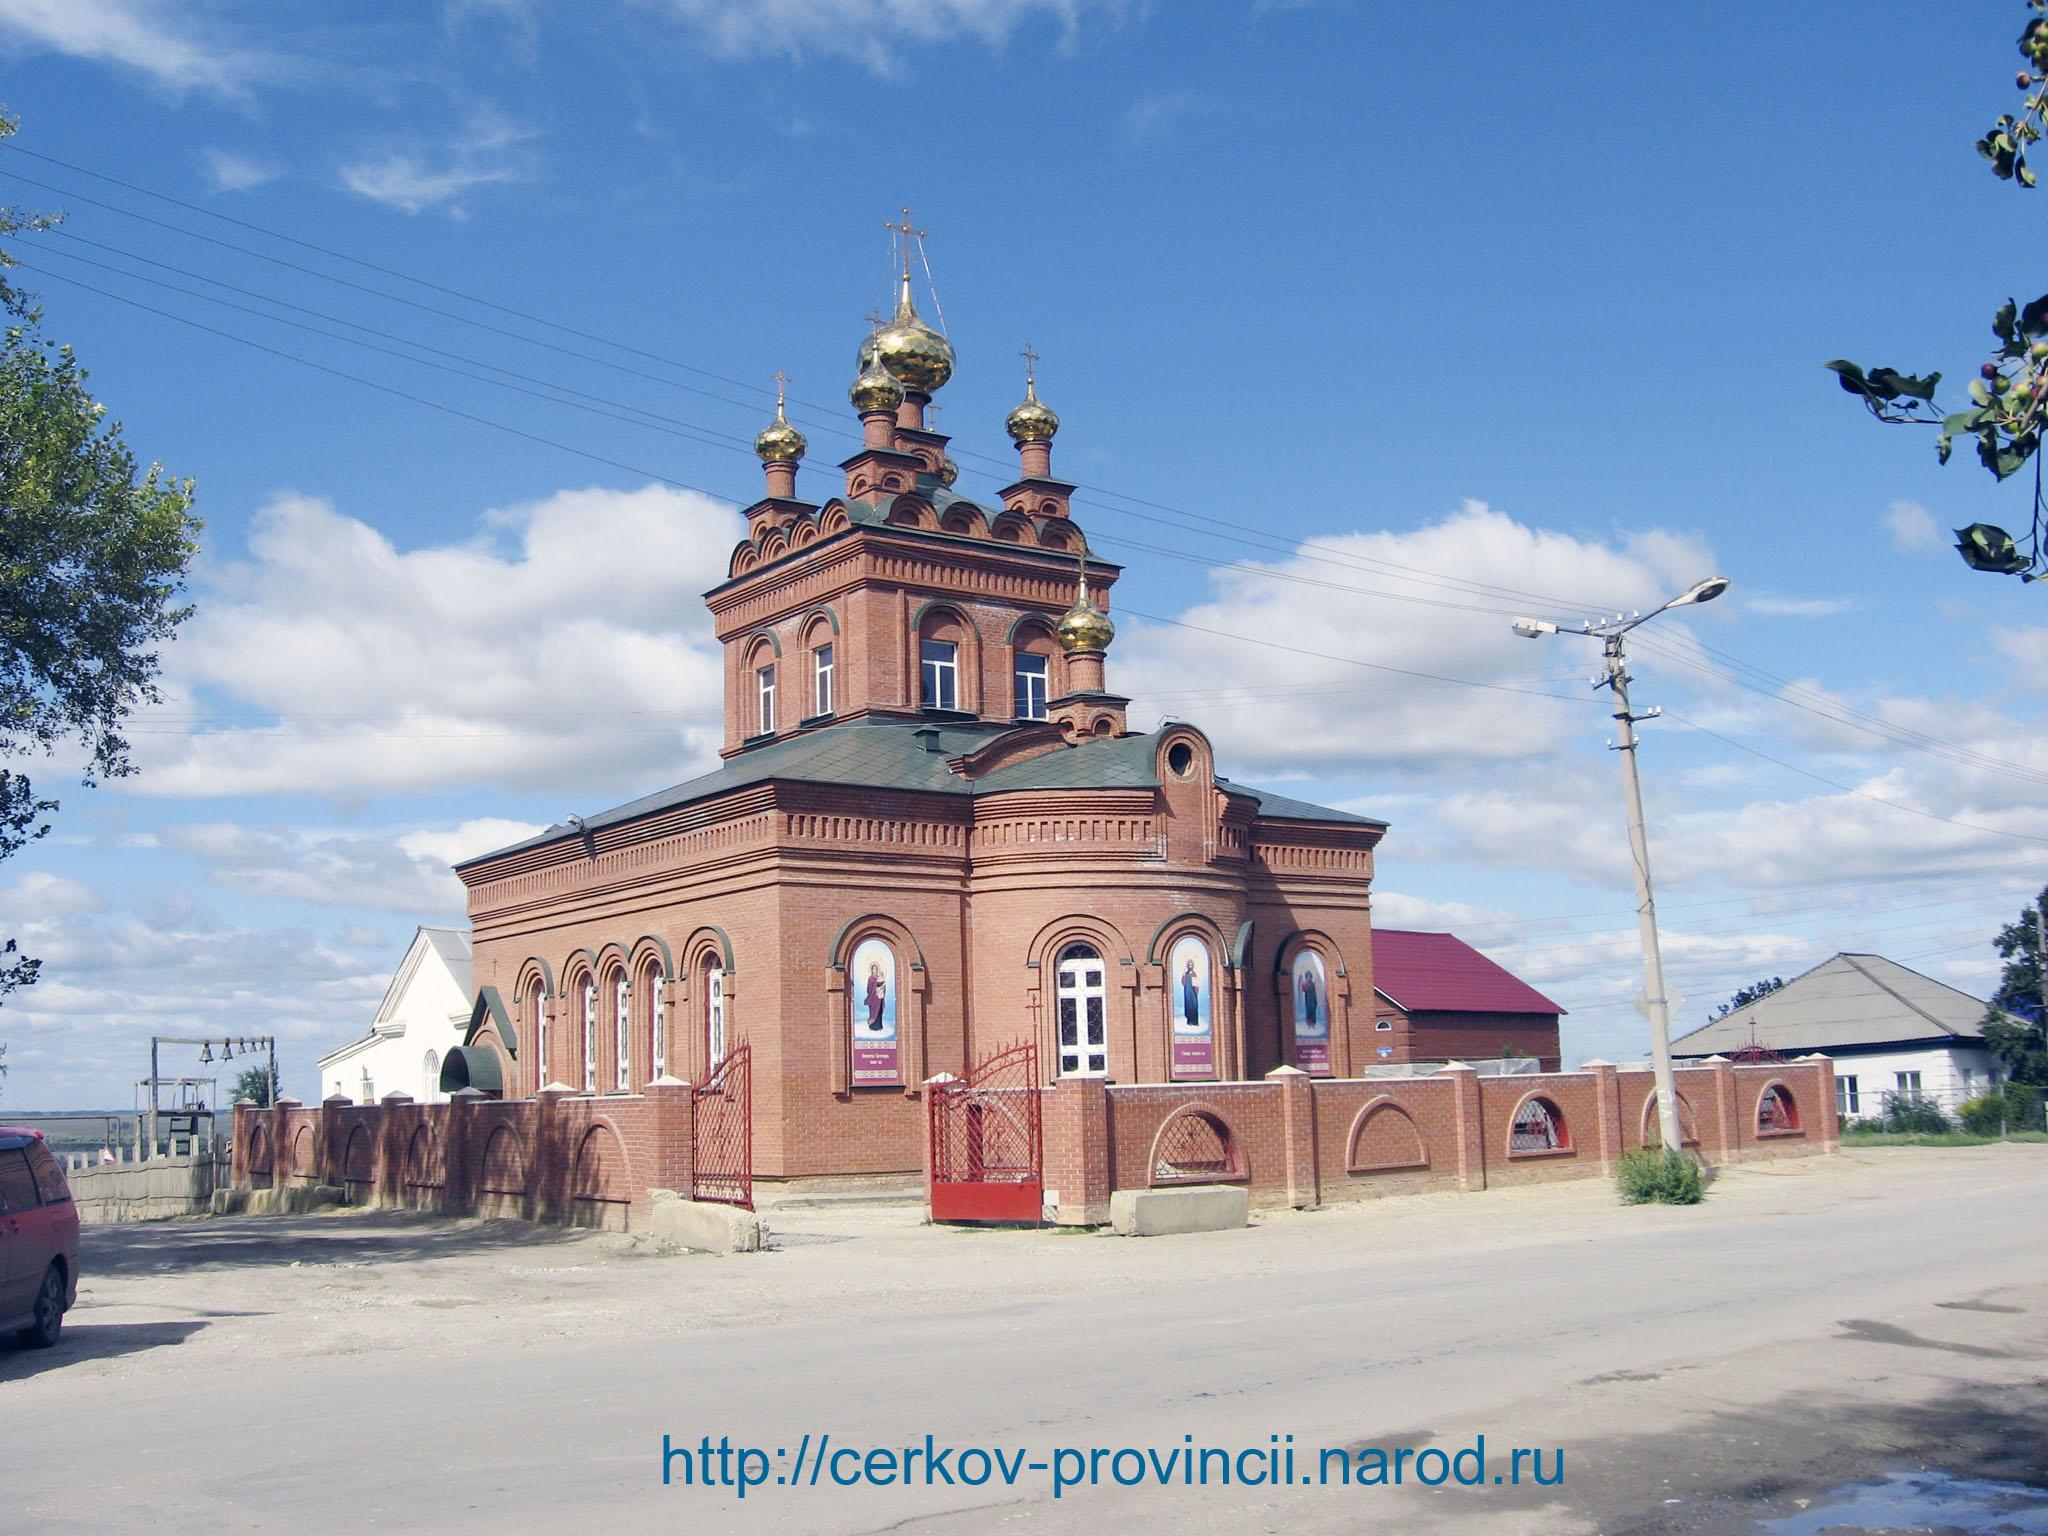 http://cerkov-provincii.narod.ru/foto/ugnour/preobrageniaBig.jpg